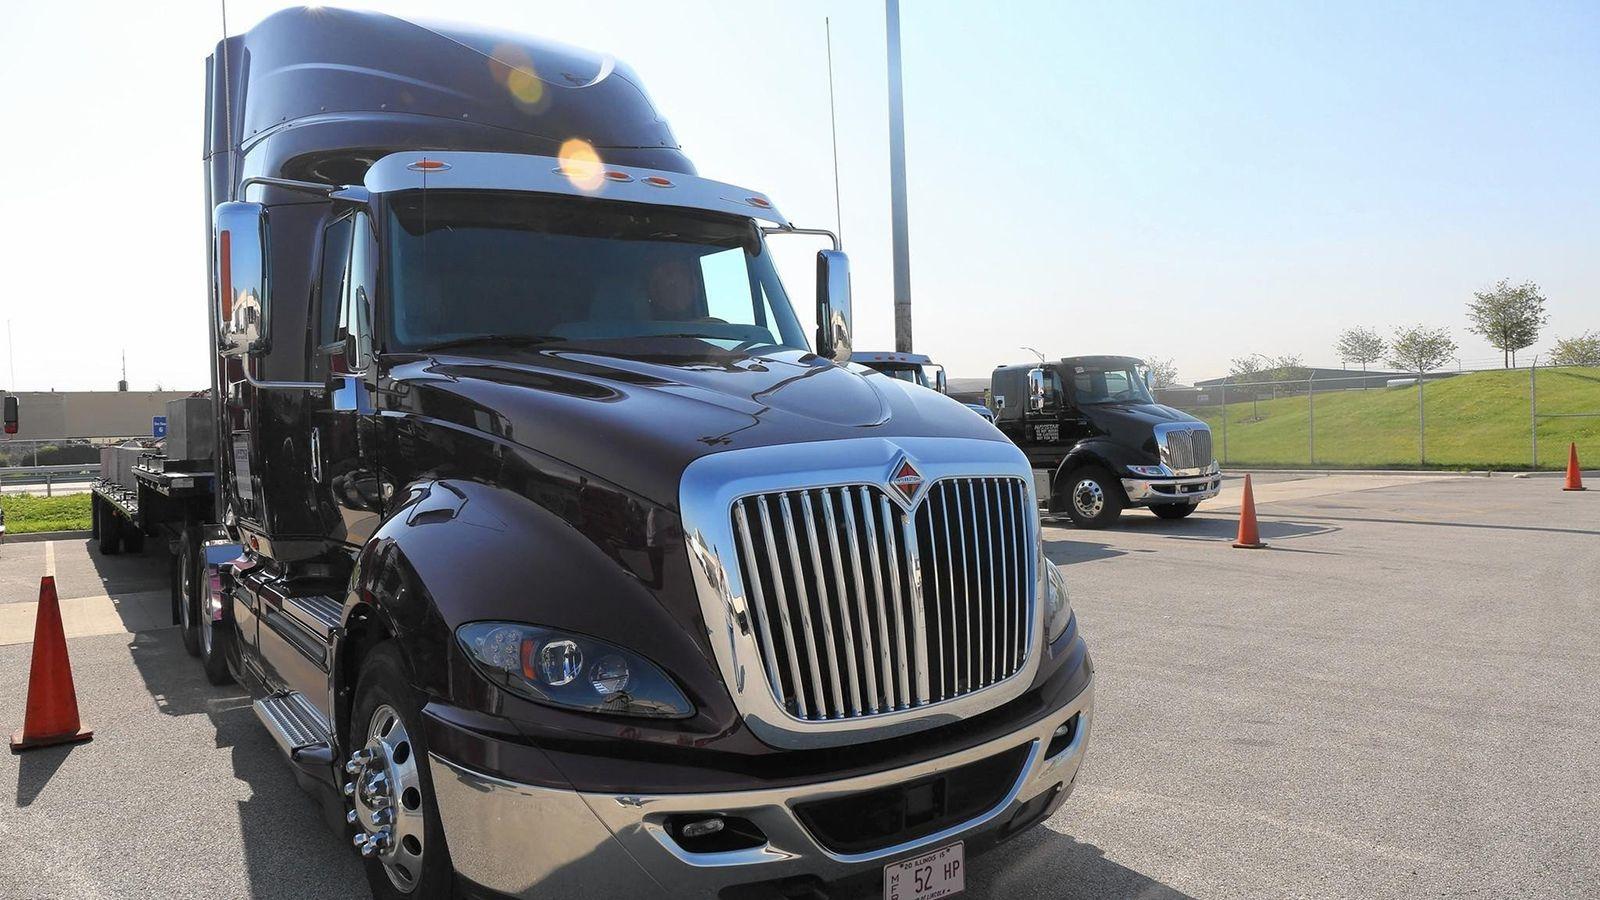 Ein LKW der US-Firma Navistar auf dem Parkplatz vor dem Werk in Melrose Park, Illinois.